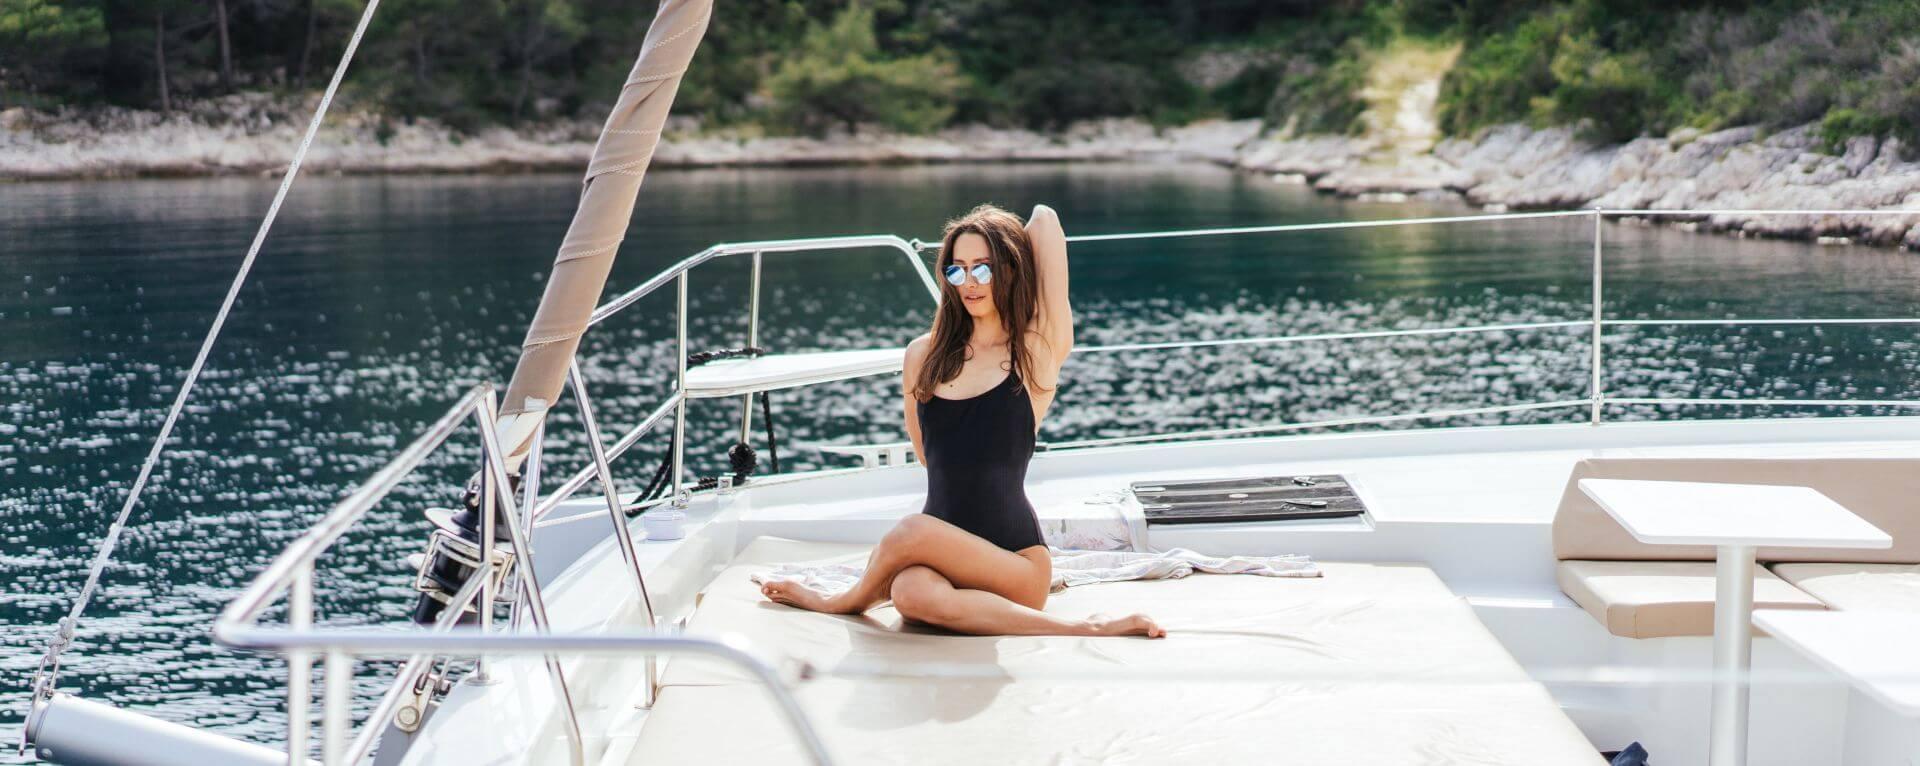 Bellissima ragazza fa yoga in barca a vela: Isola di Capri